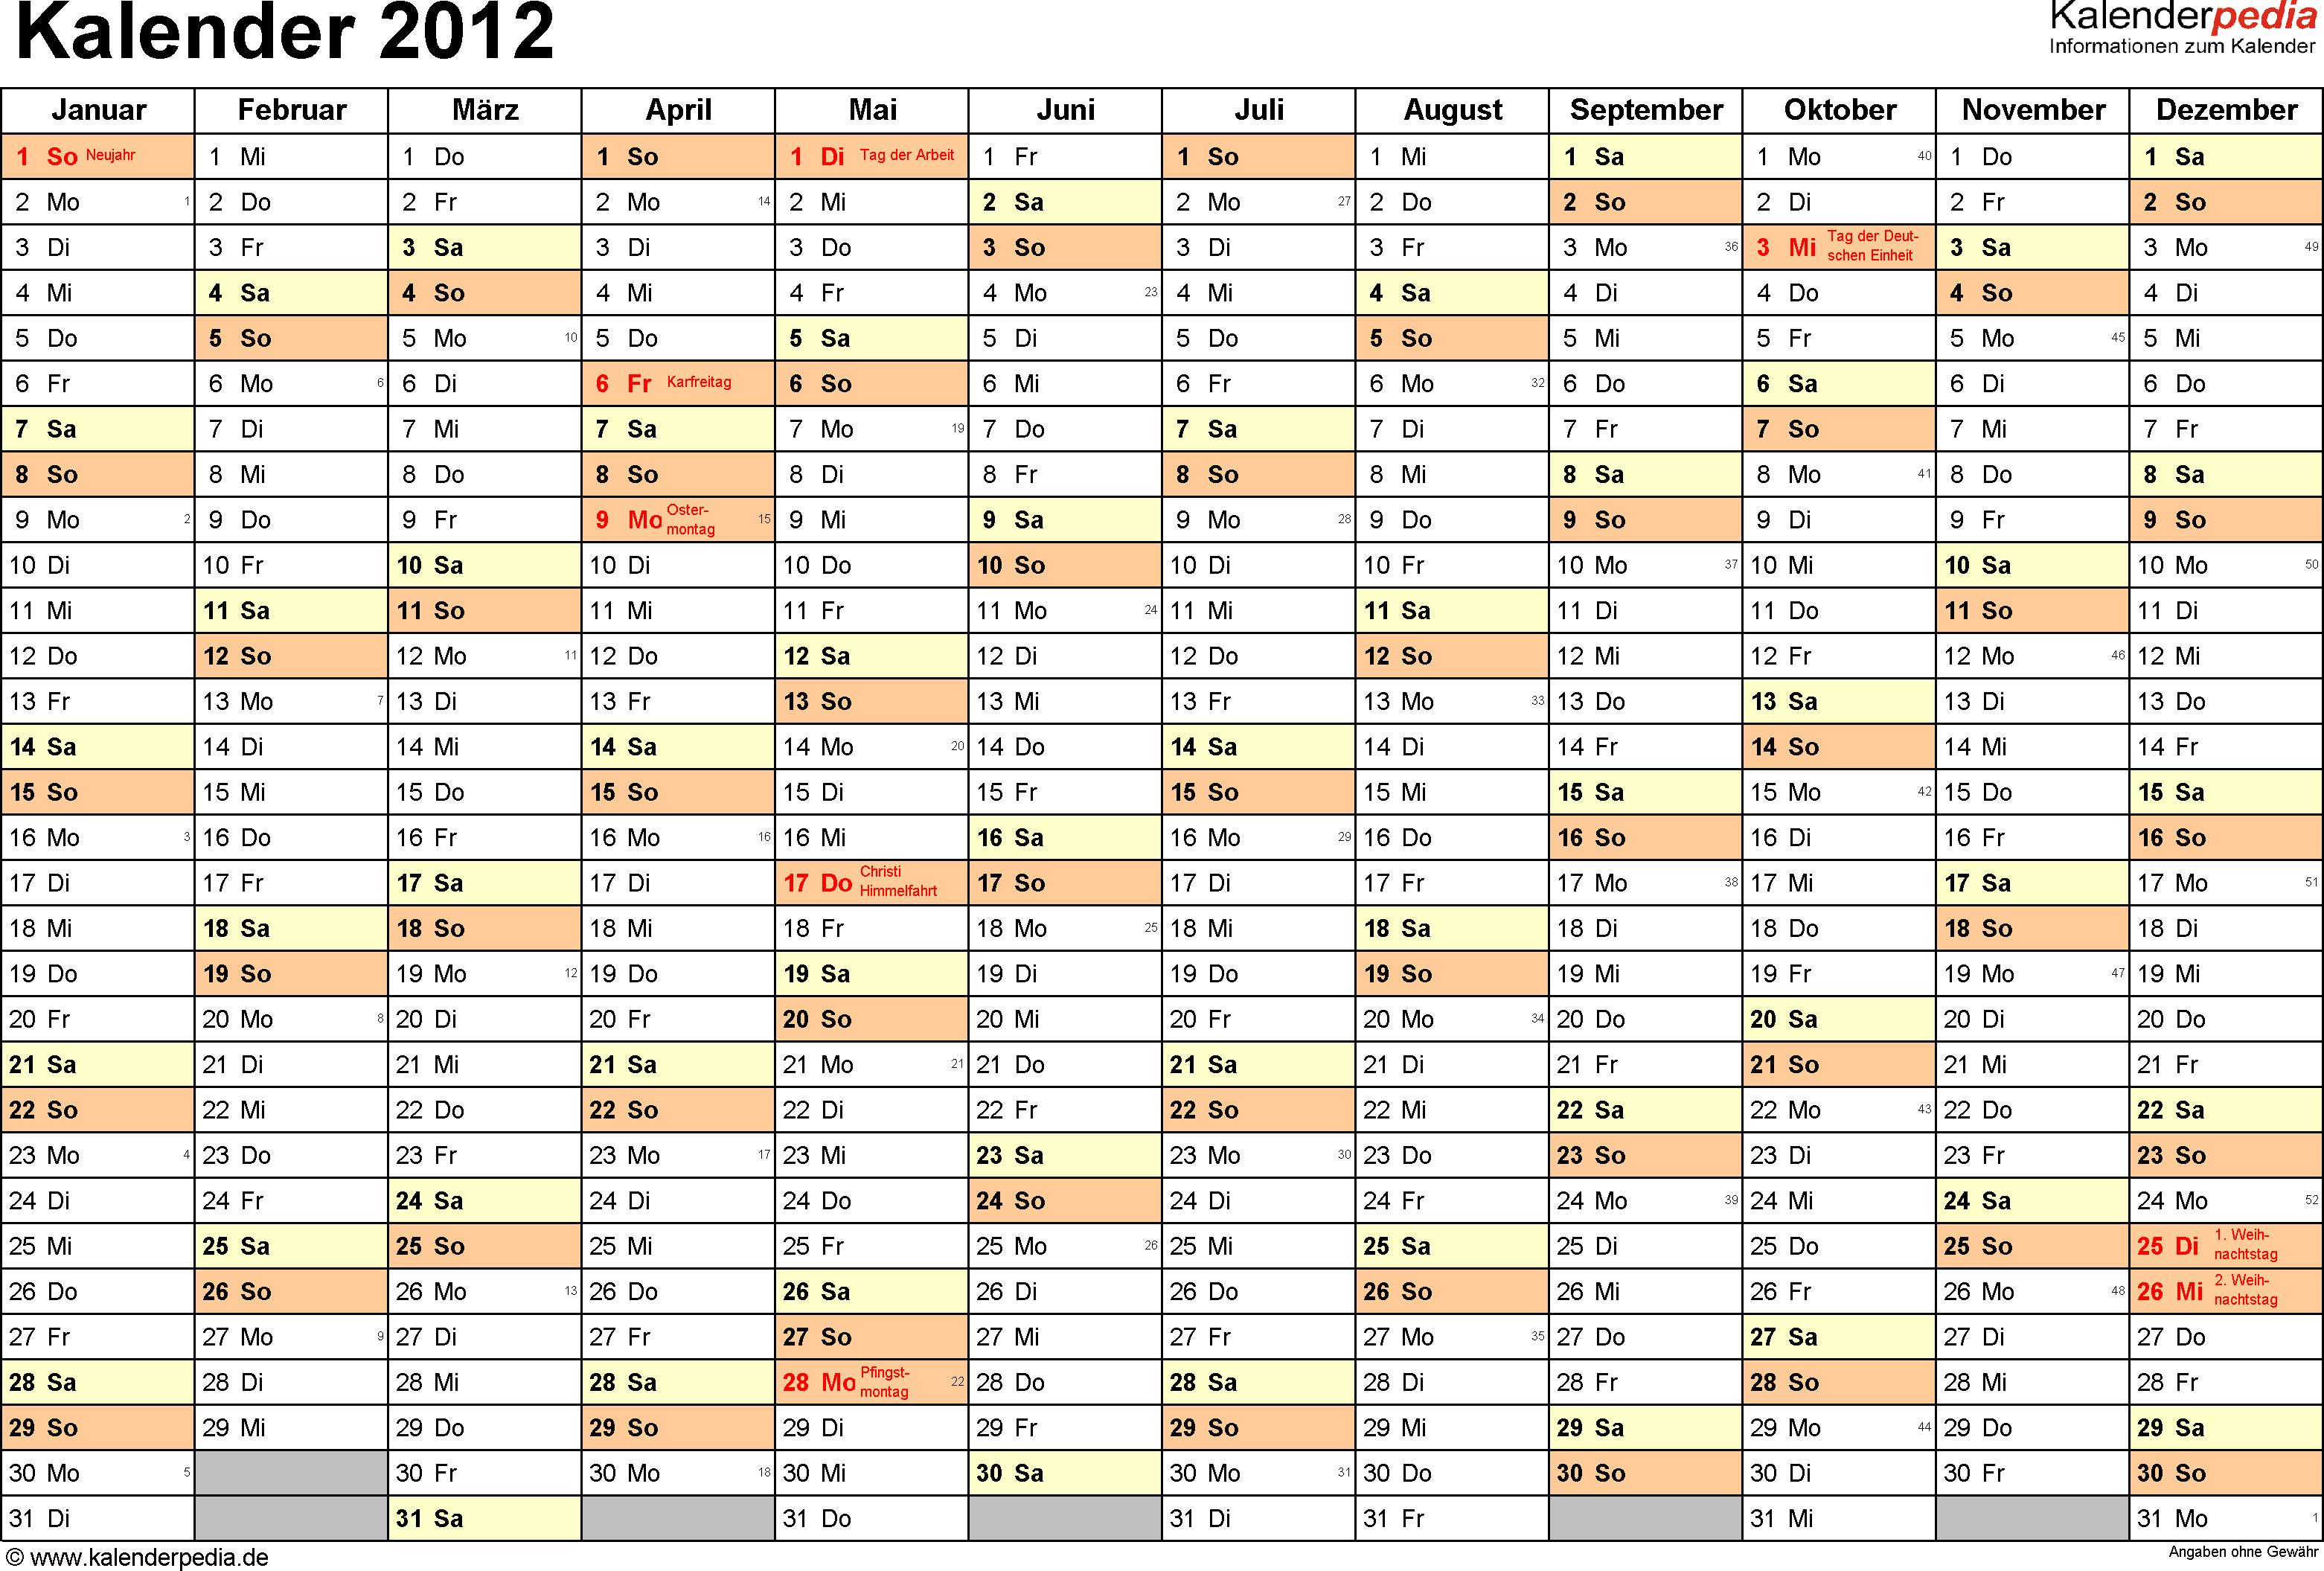 Vorlage 1: Jahreskalender 2012 als Word-Vorlage, Querformat, DIN A4, 1 Seite, Monate nebeneinander, Tage untereinander, mit Feiertagen (ganz Deutschland), geeignet für alle Word-Versionen